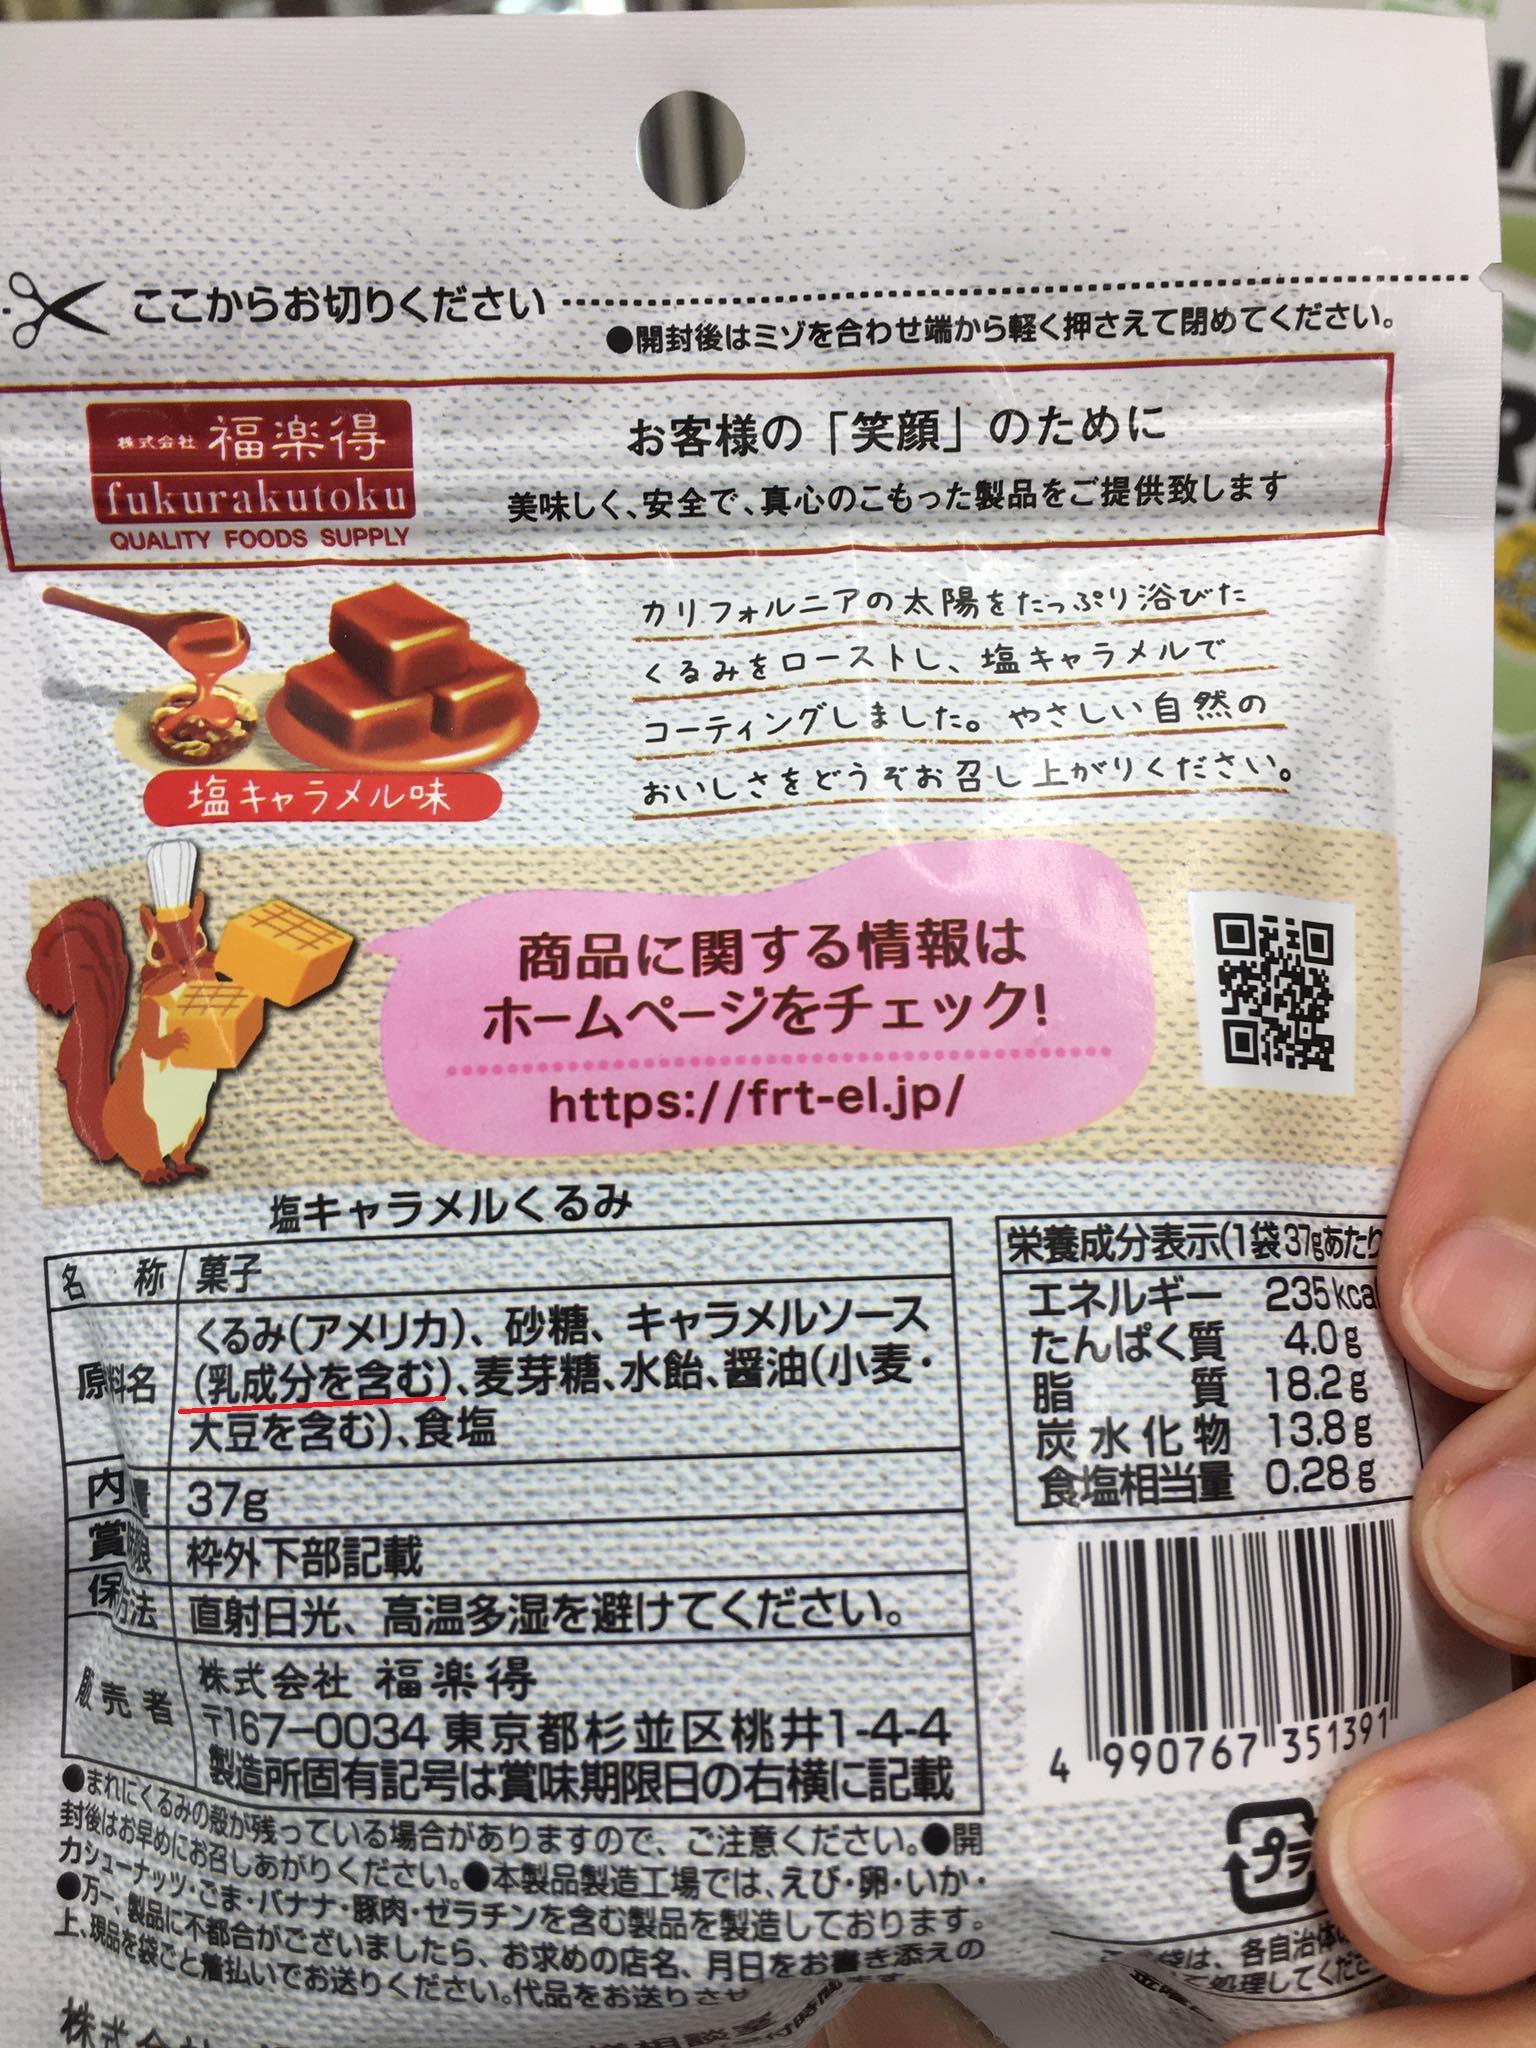 Bimi Plus Salt Caramel Walnuts back of package